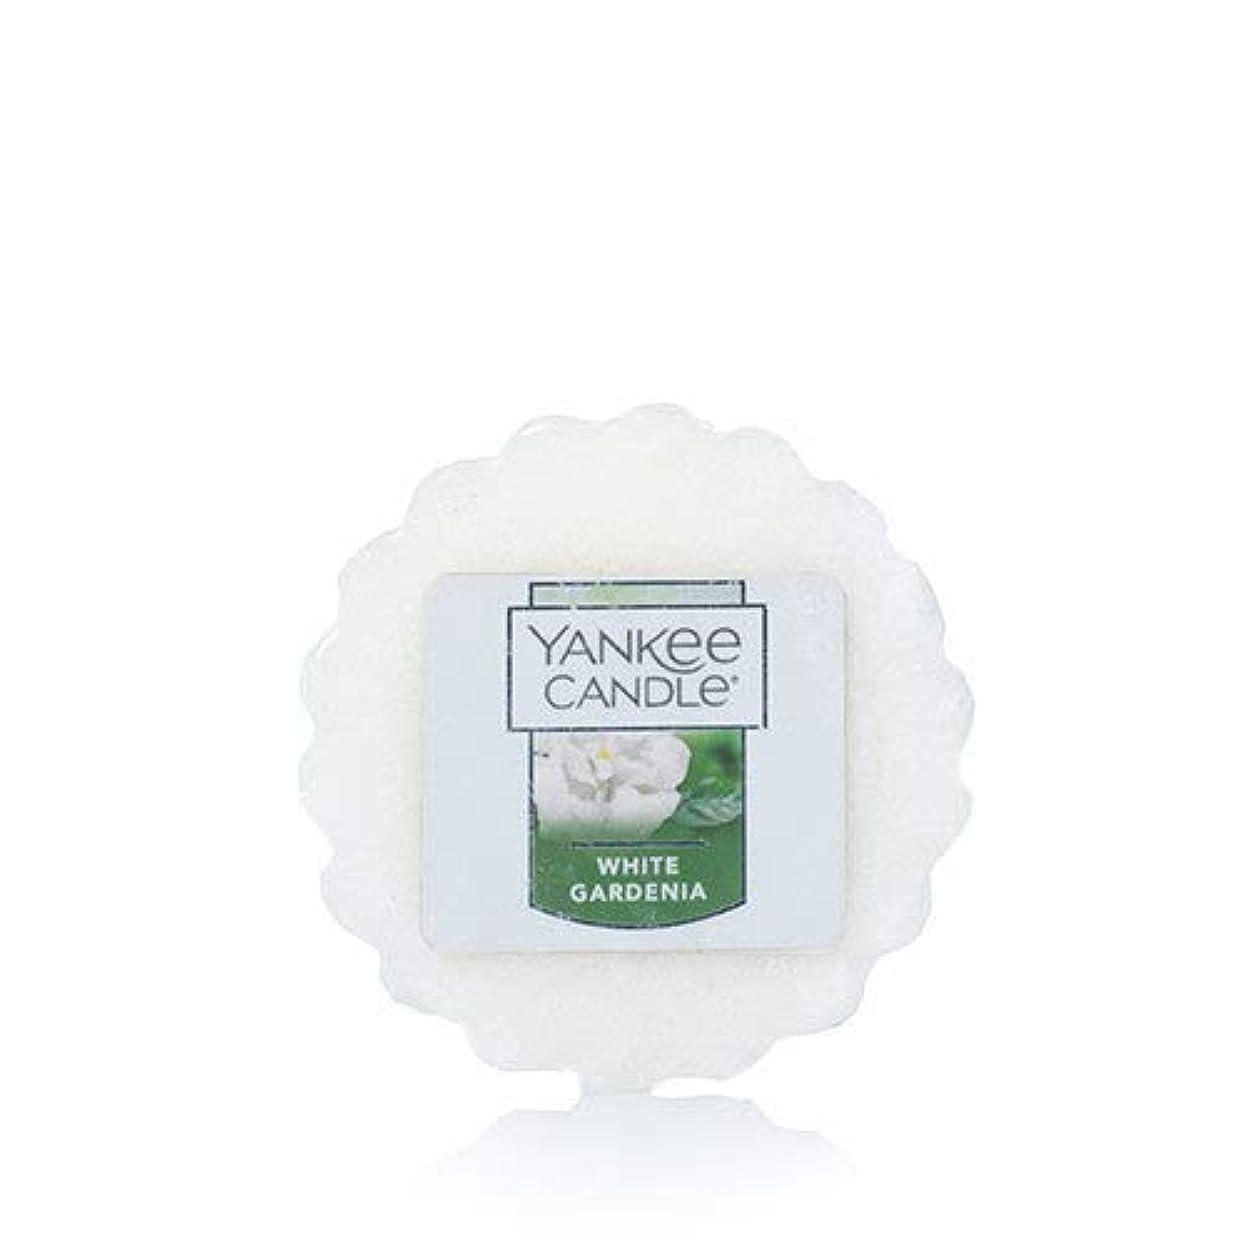 センチメンタル制限された排気【YANKEE CANDLE/ヤンキーキャンドル】Tarts® Wax Melts タルト ワックスポプリ ワックスメルト White Gardenia ホワイトガーデニア 0.8oz (22g)